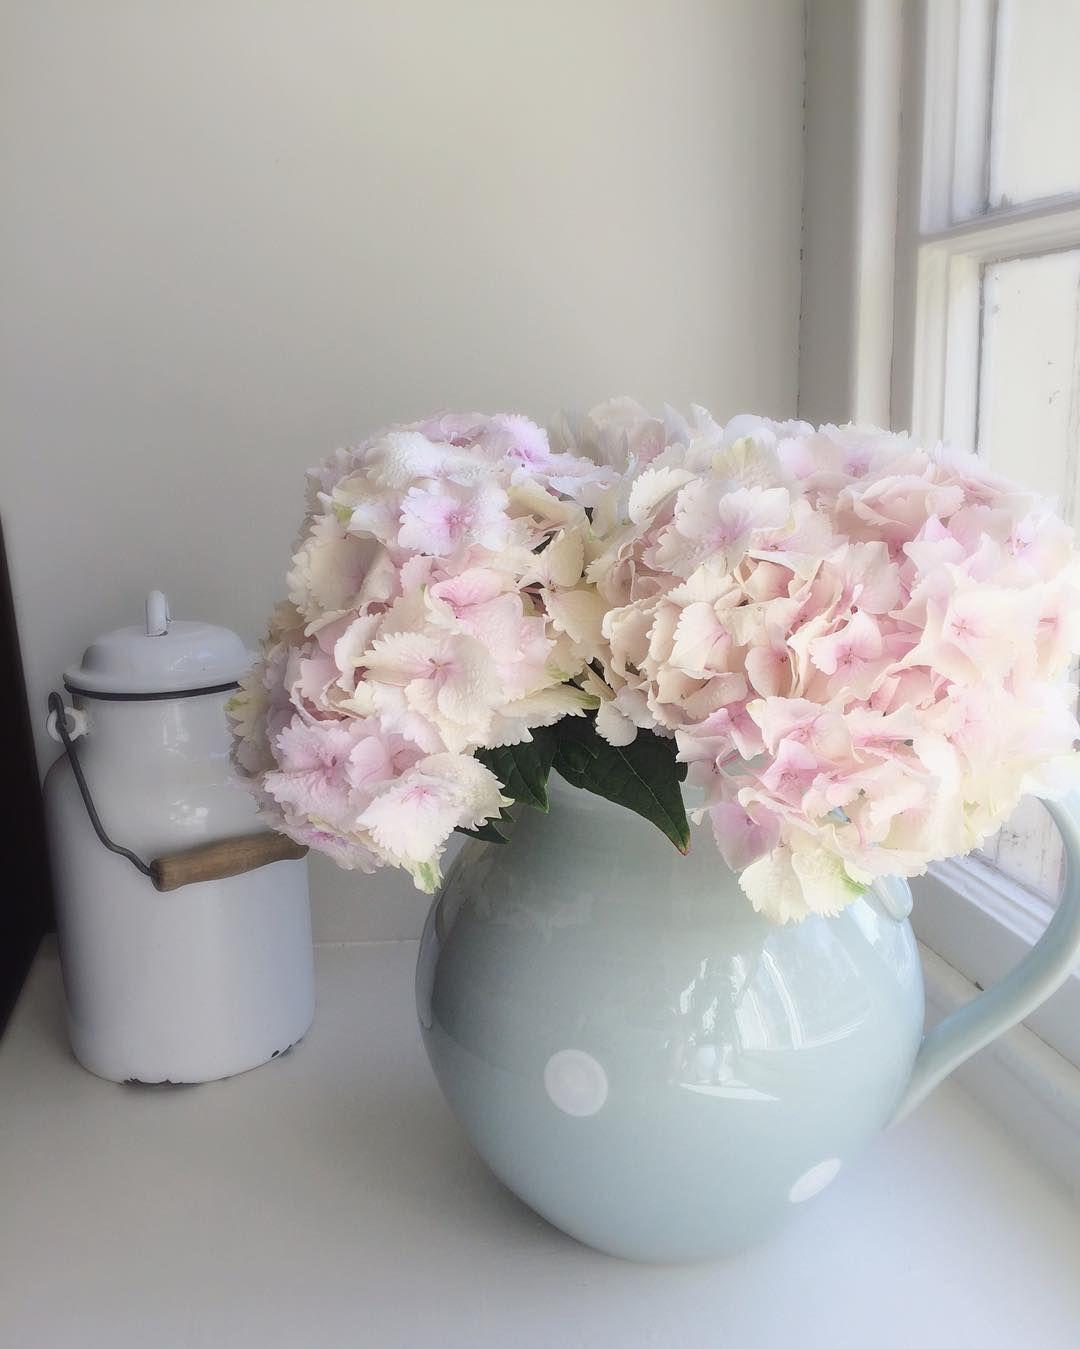 Épinglé par Alexandra 🎀 Perrouelle sur art floral Fleurs